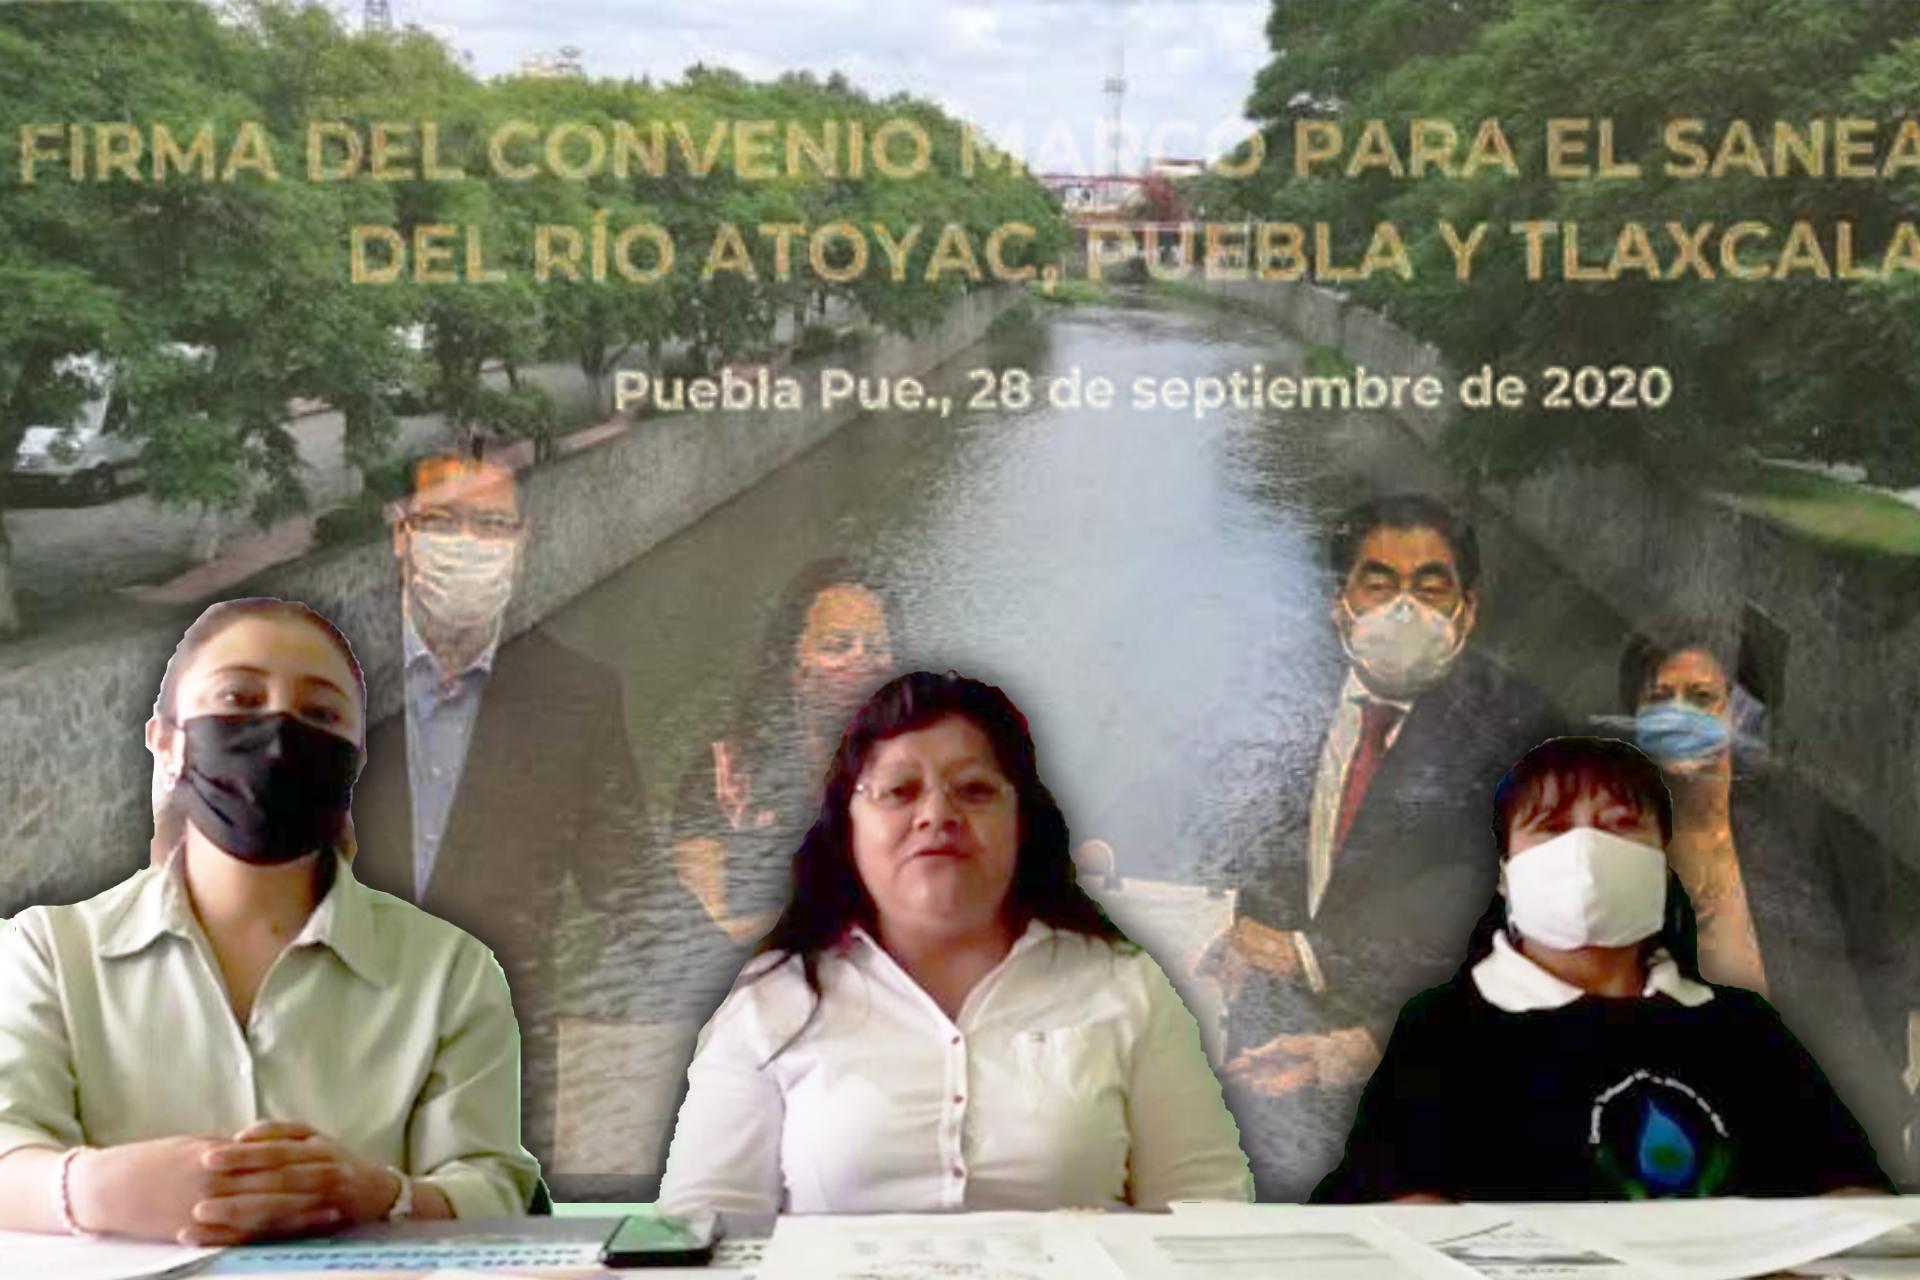 Centro Fray Julián Garcés de Derechos Humanos-Tlaxcala-Convenio-Saneamiento Atoyac-Zahuapan-Barbosa-CONAGUA